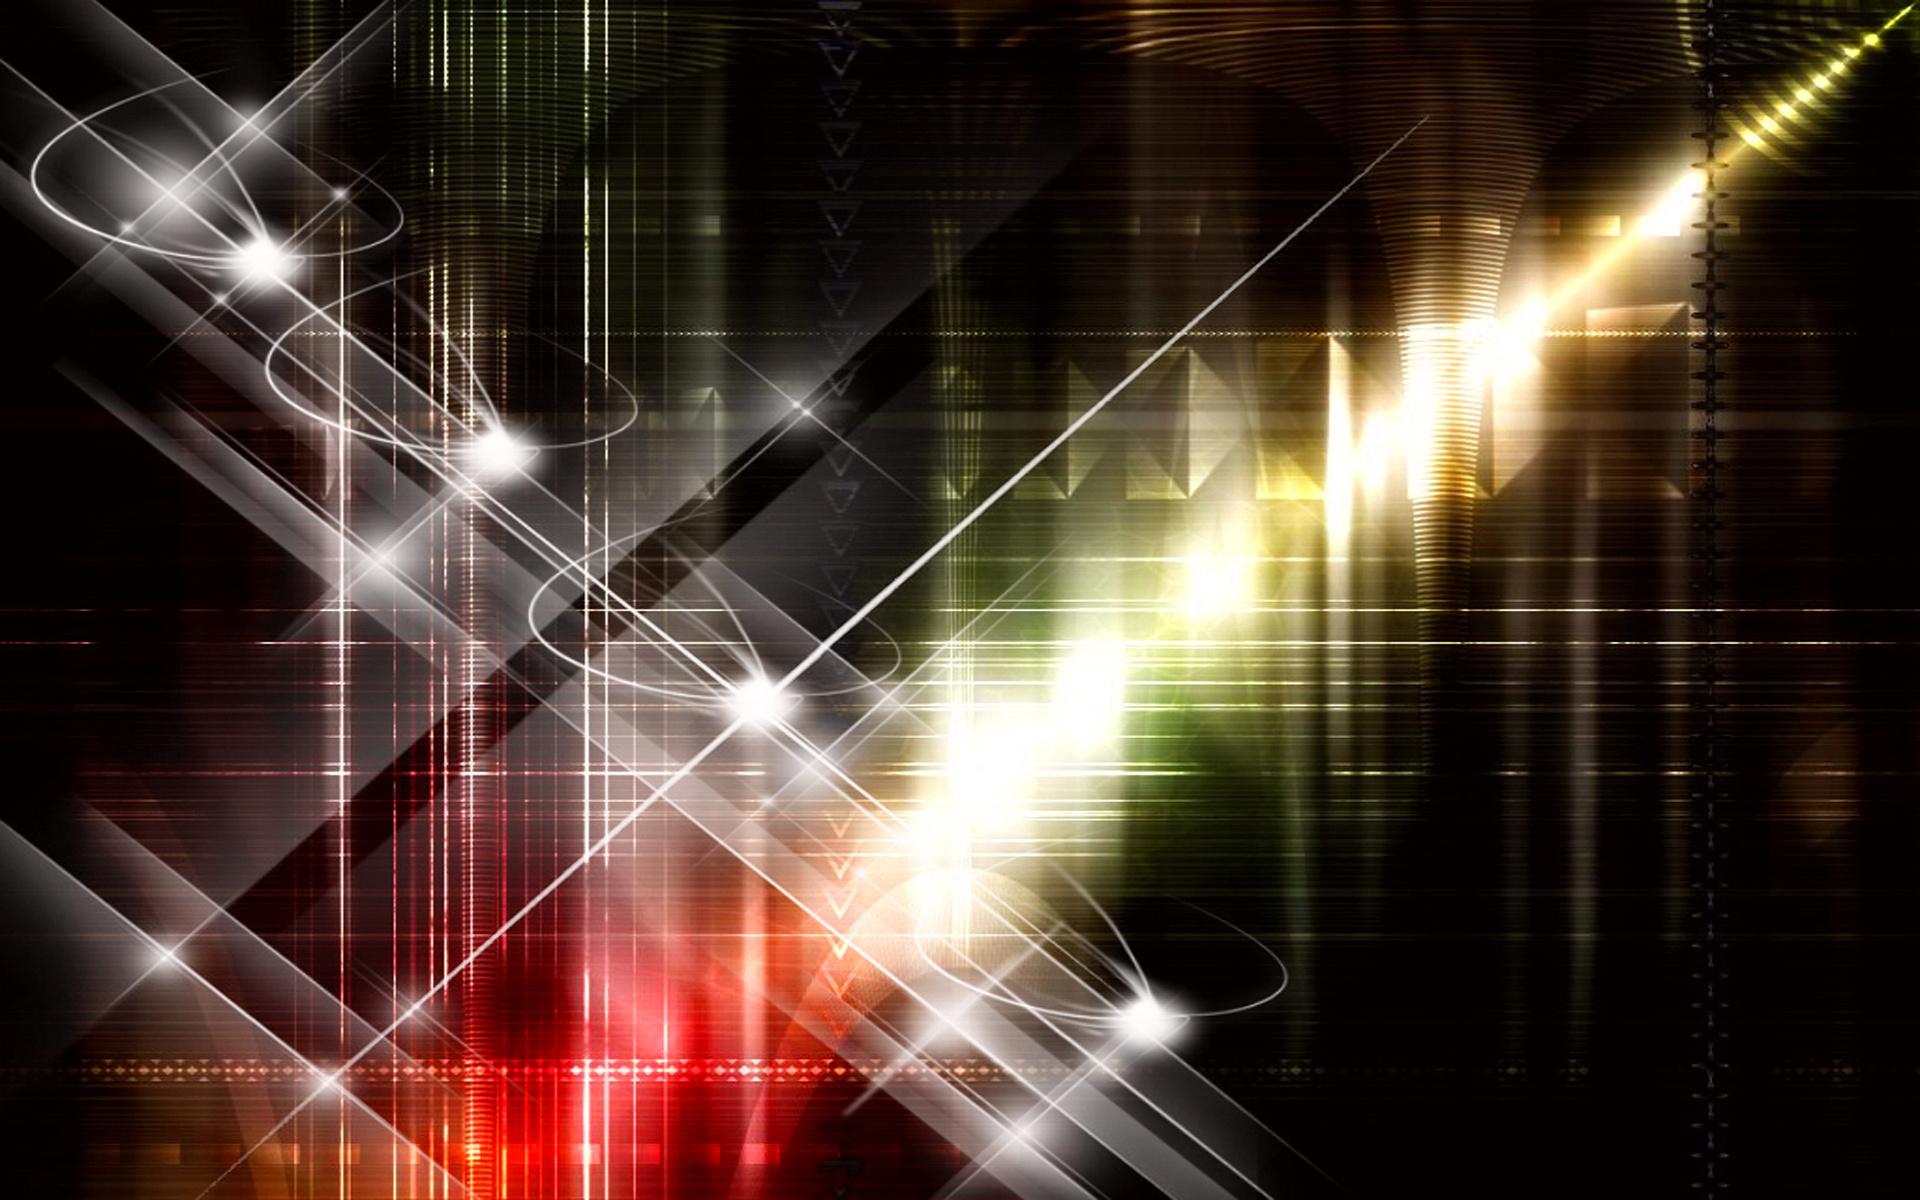 абстракция, линии, тени